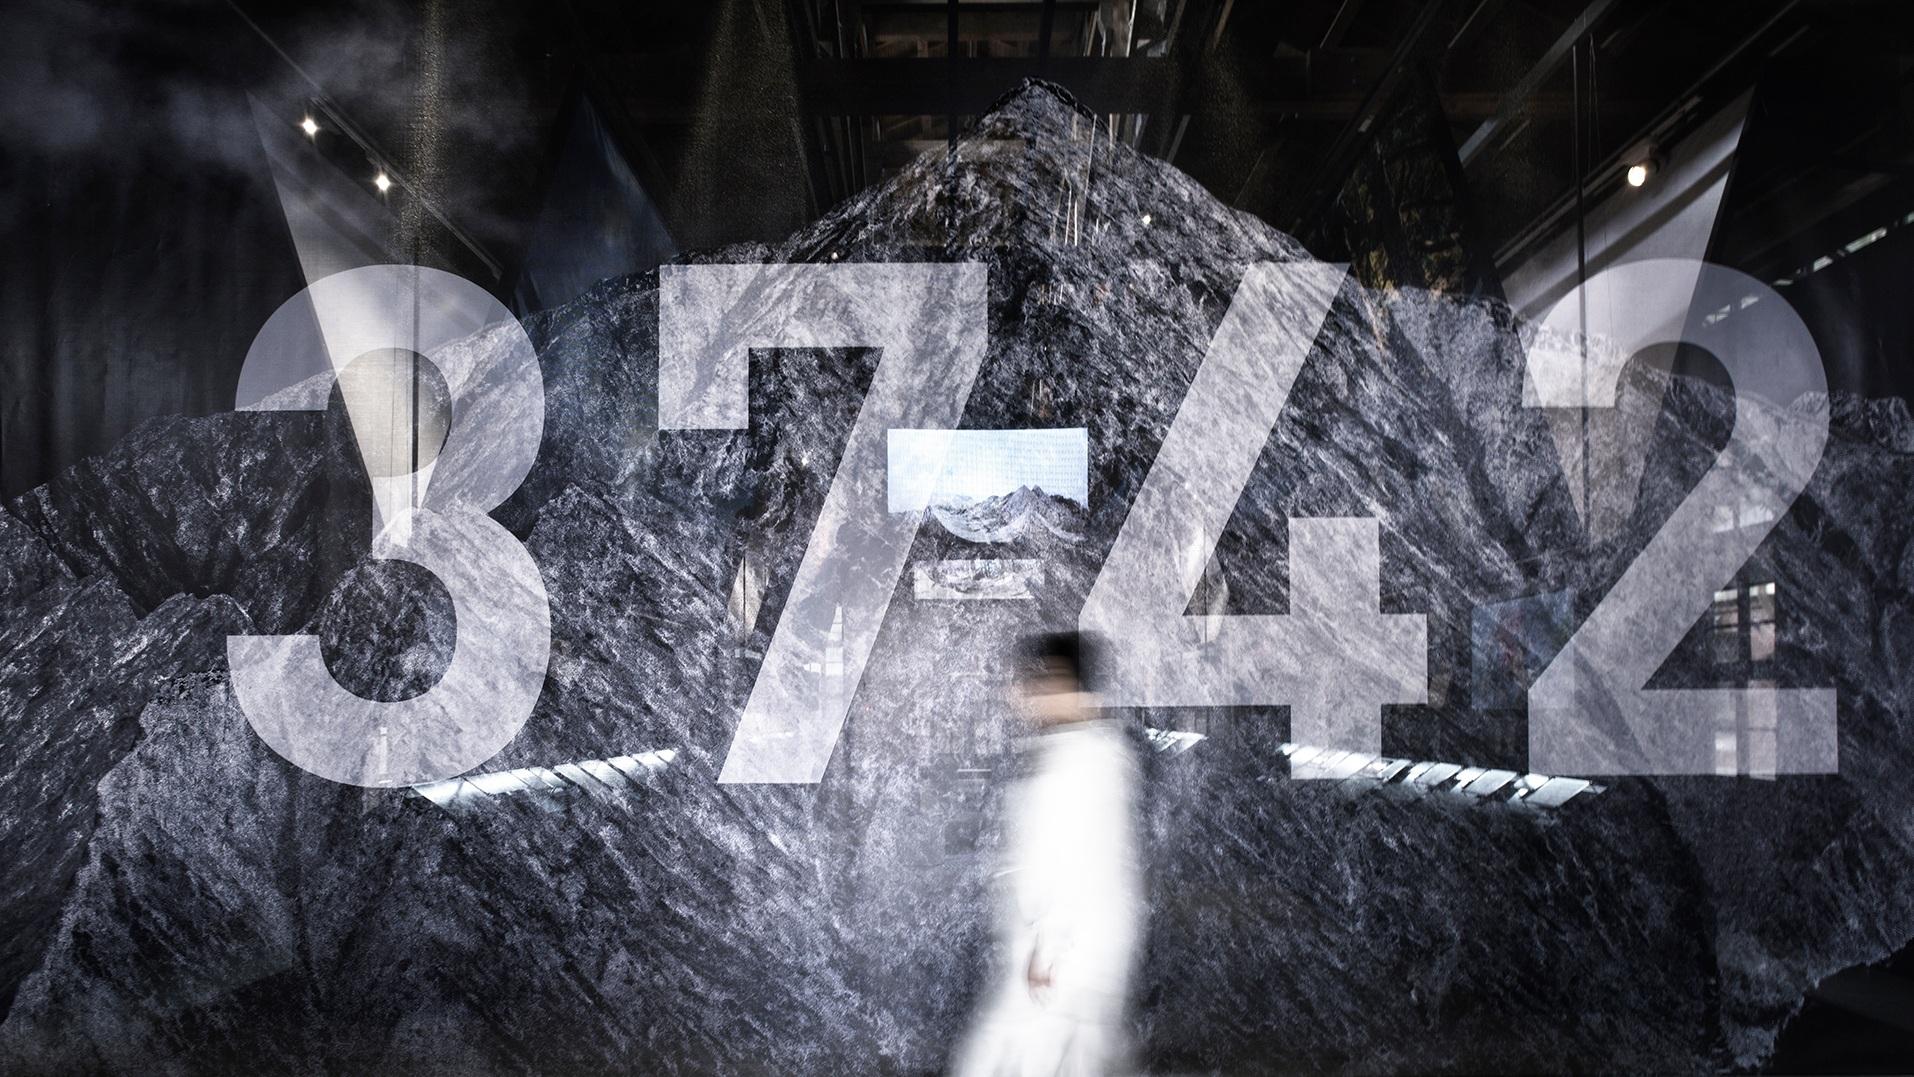 UP+TO+3742-09+%E6%8B%B7%E8%B2%9D.jpg